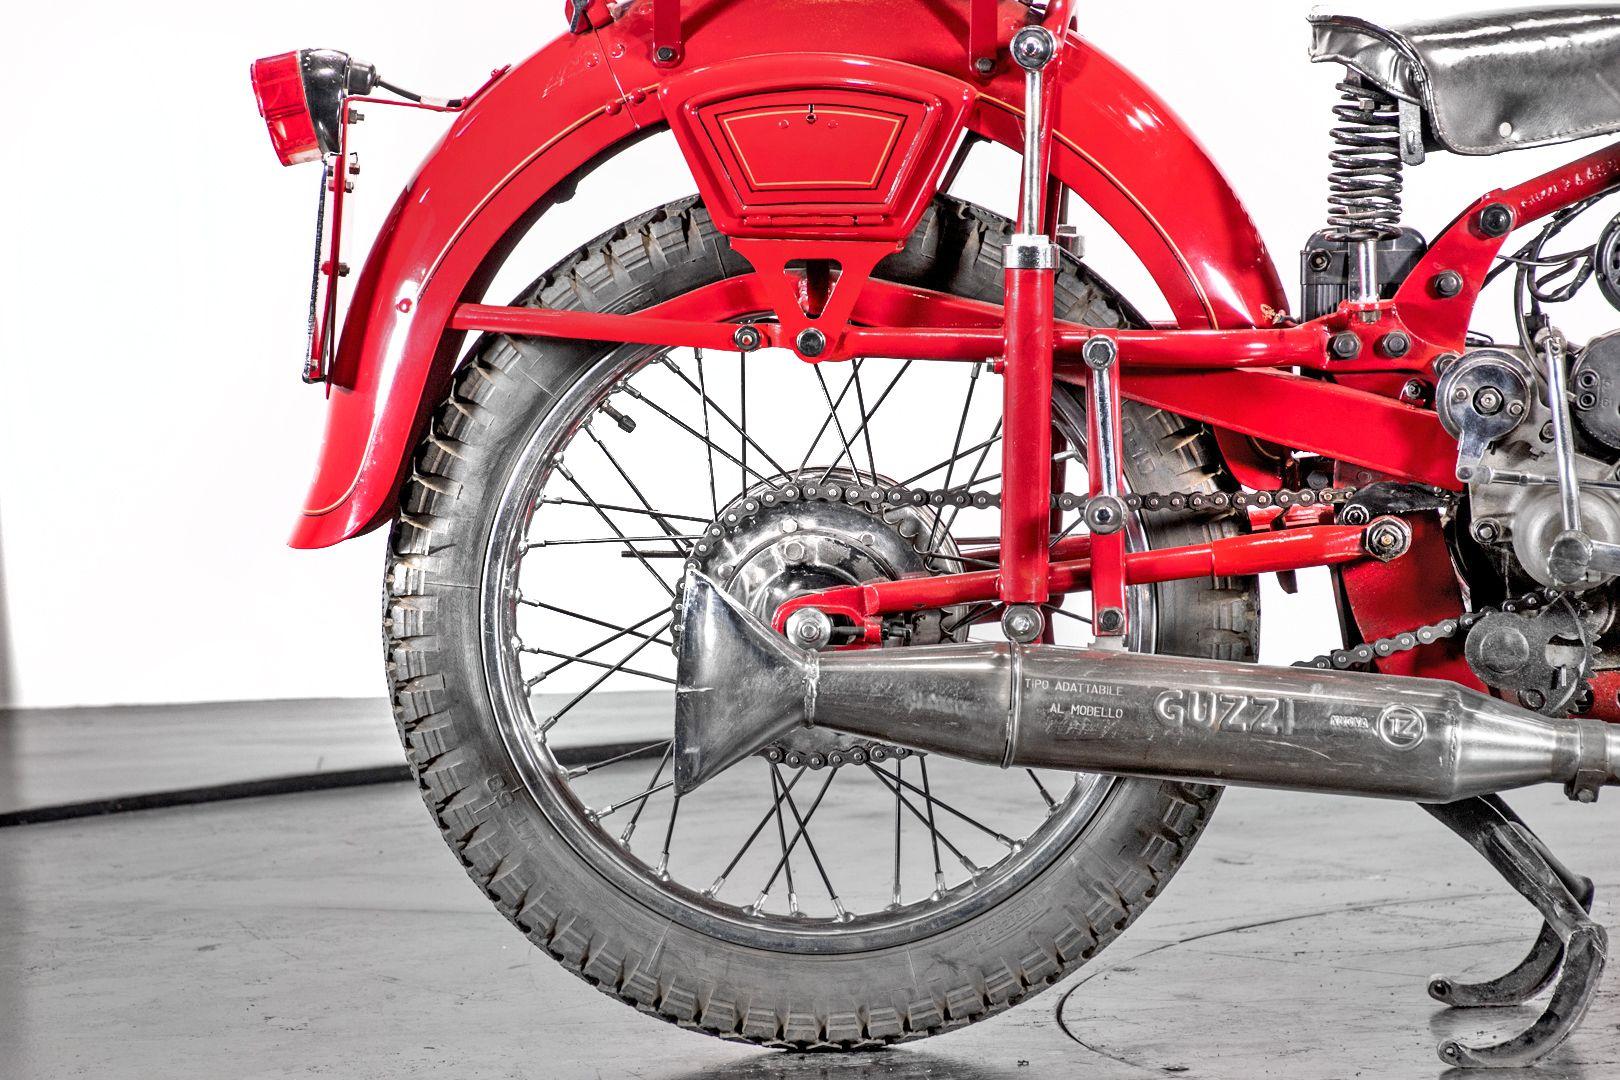 1960 Moto Guzzi GTV 500 74683